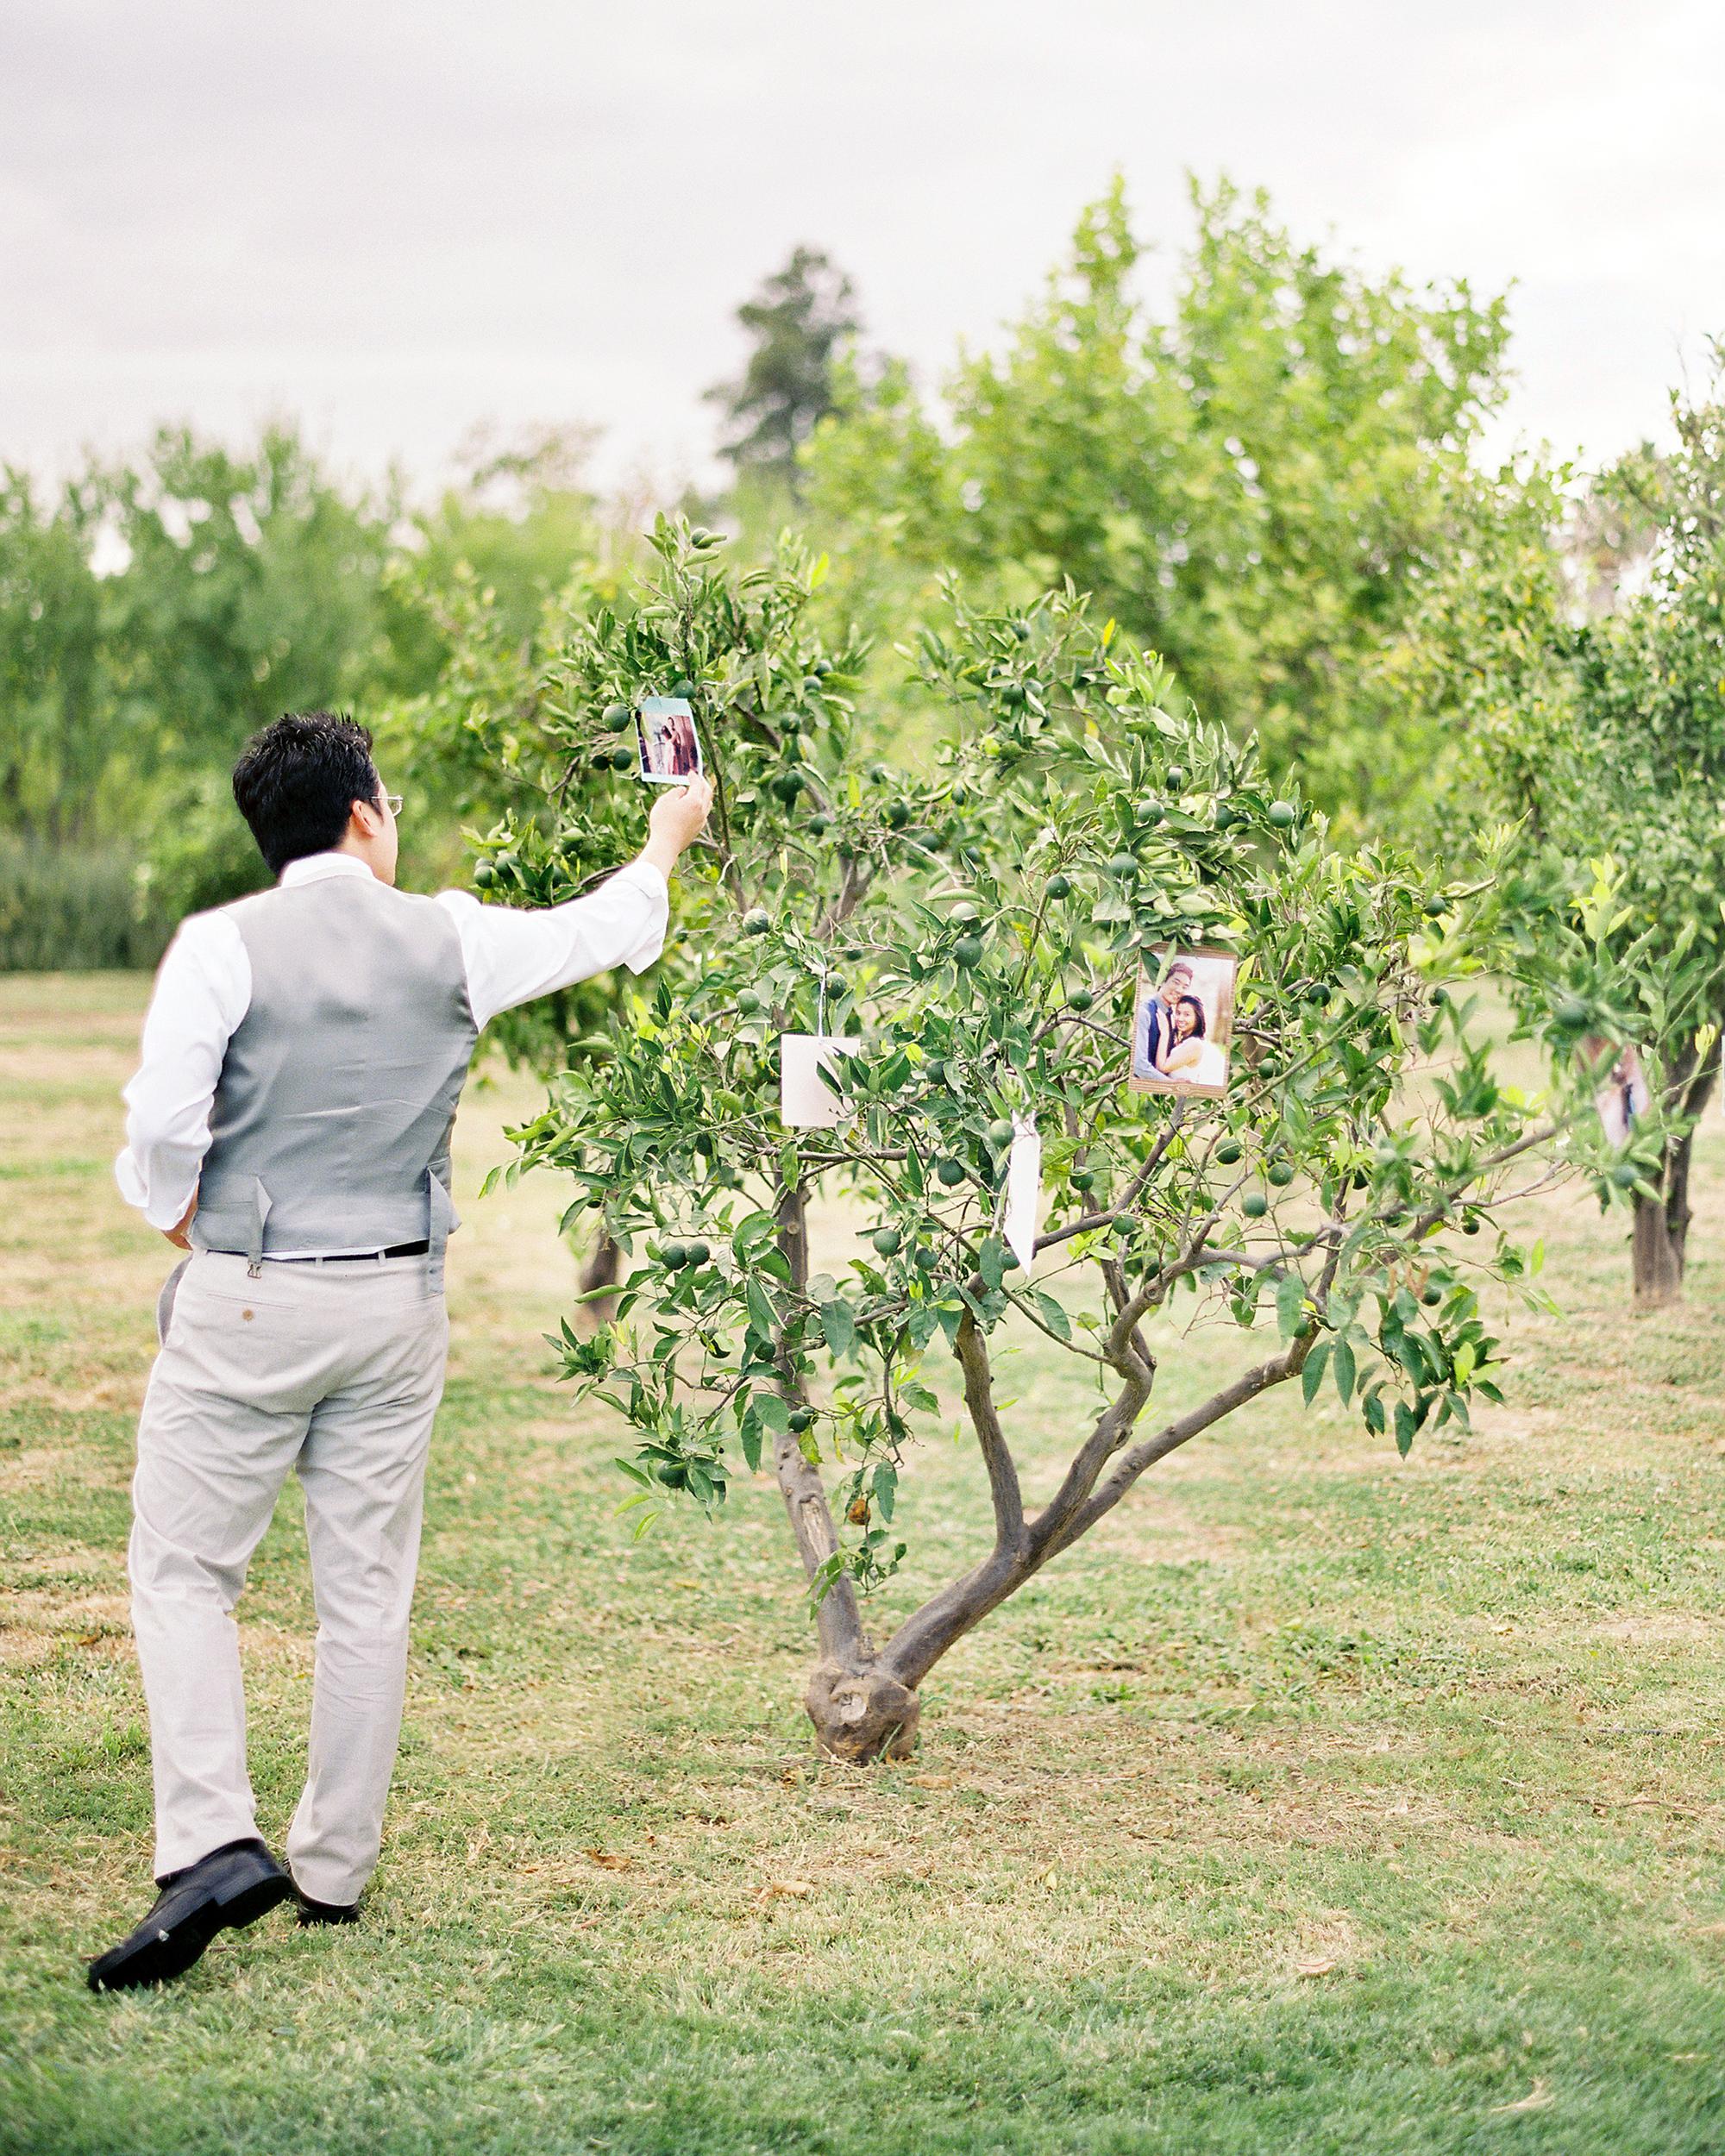 real-weddings-zoe-john-006755-R1-E002.jpg